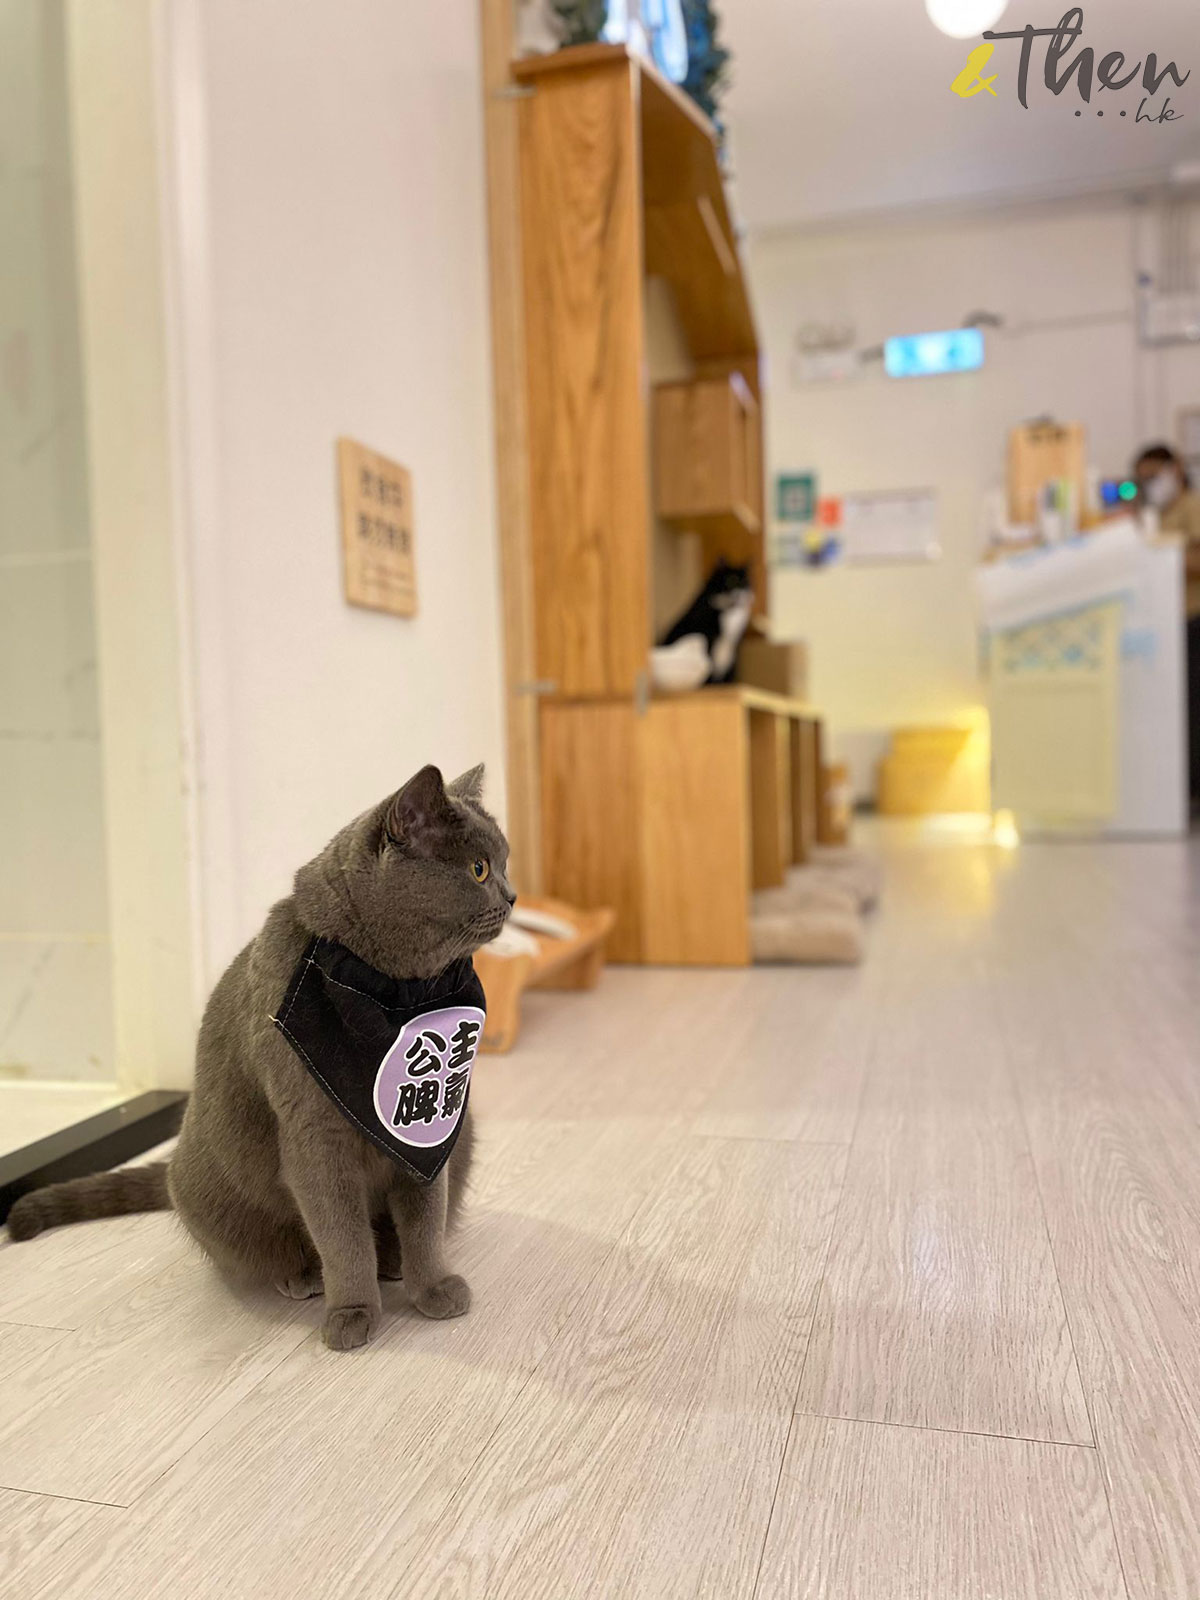 貓奴 寵物 貓Cafe 良心小店 主子 荃灣 MIRROR 大叔的愛 貓之茶房 貓貓 公主脾氣